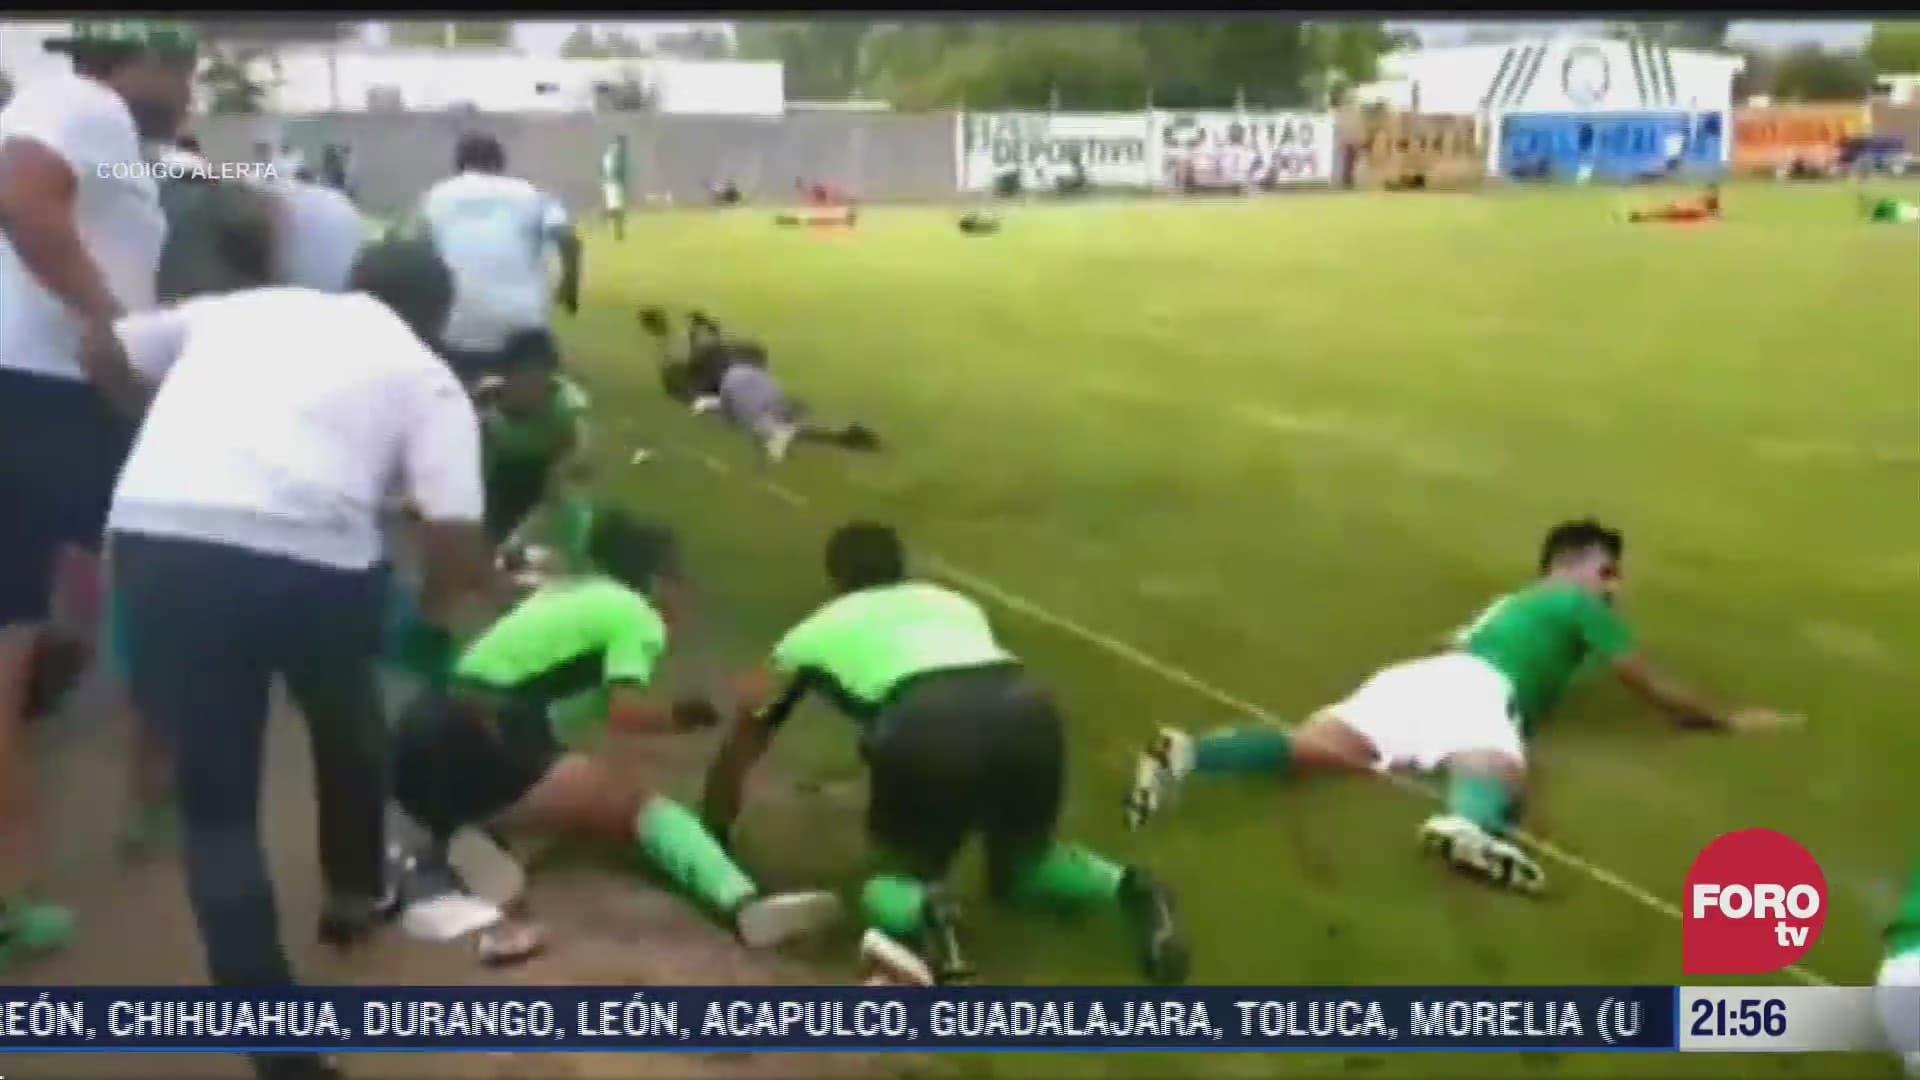 se registra balacera en campo de futbol en leon guanajuato